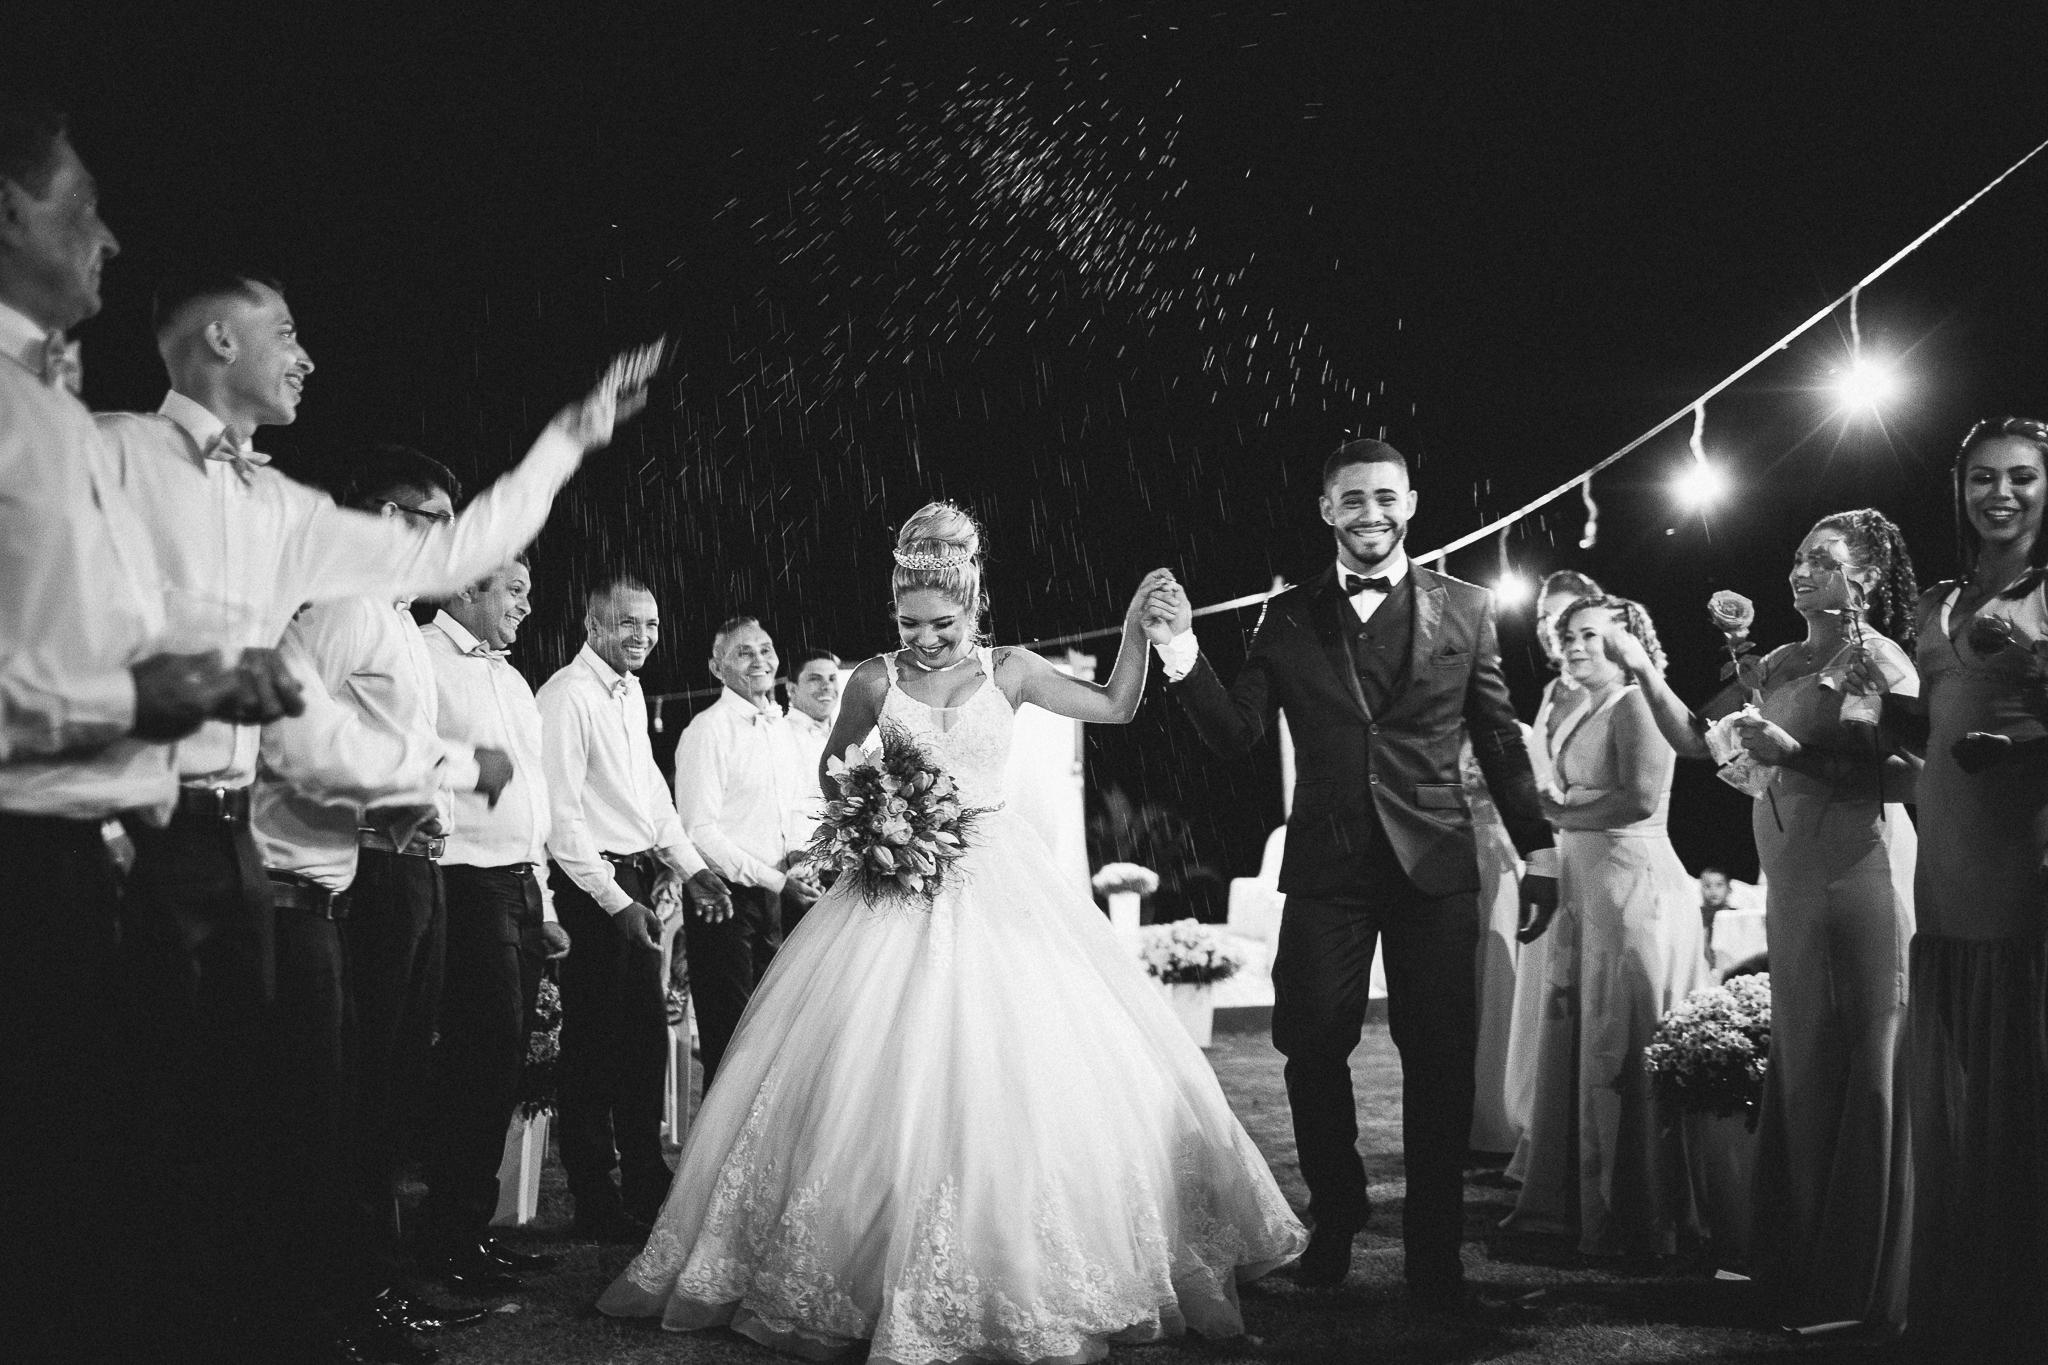 Contate Fotógrafo de casamento - Flávio Marques - Brasil